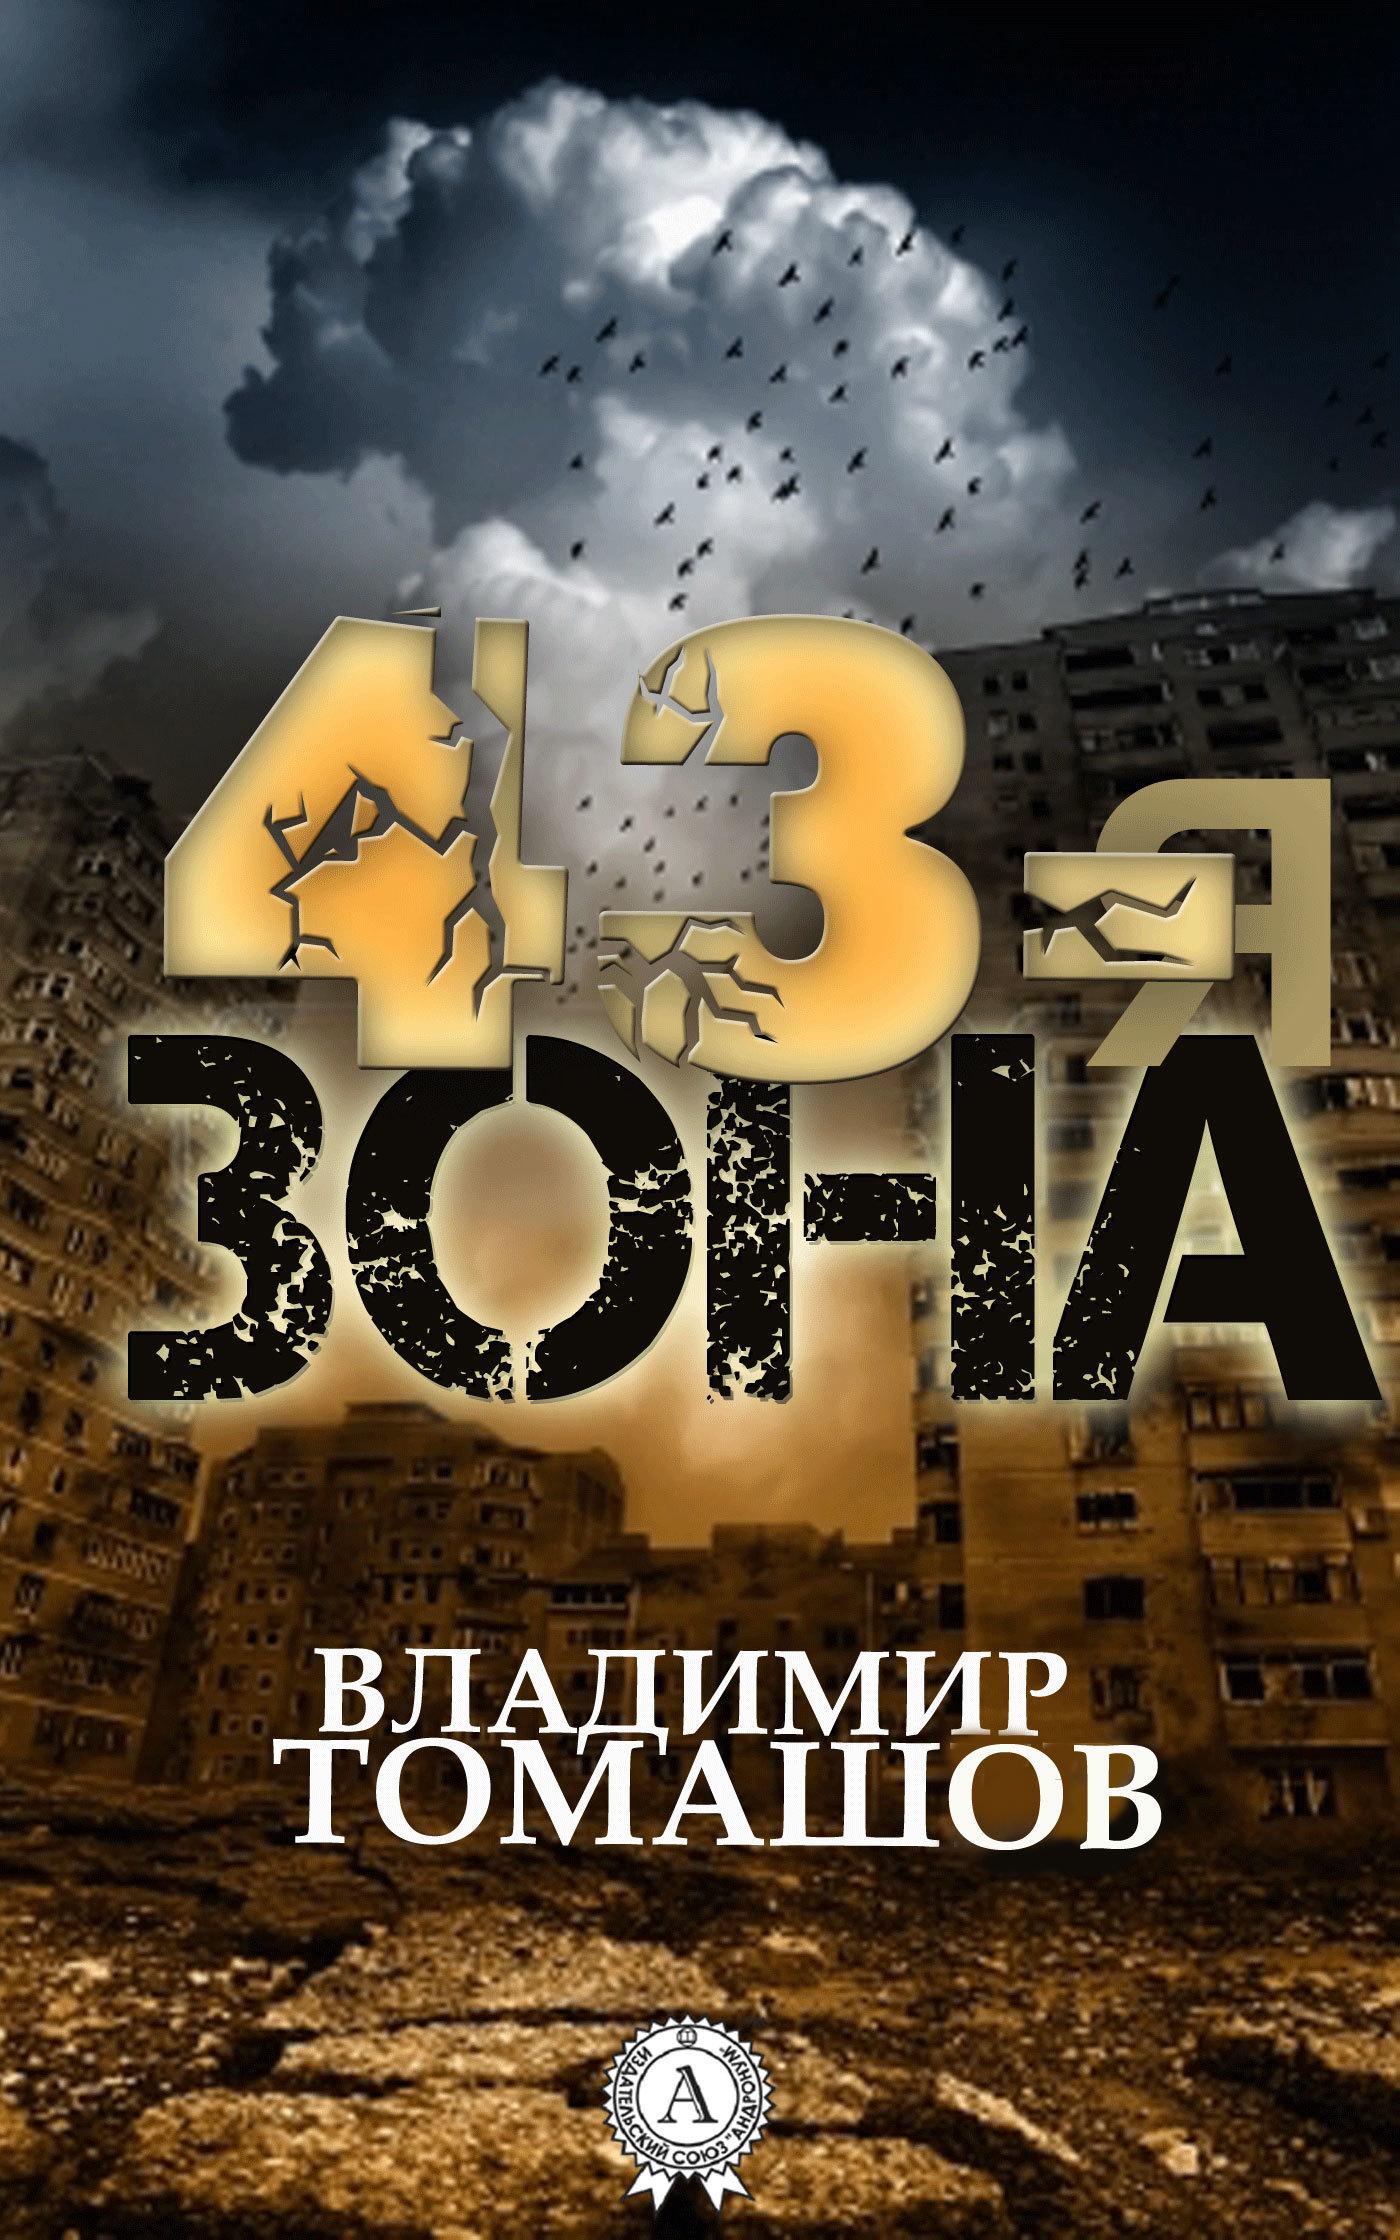 Владимир Томашов 43-я зона цена